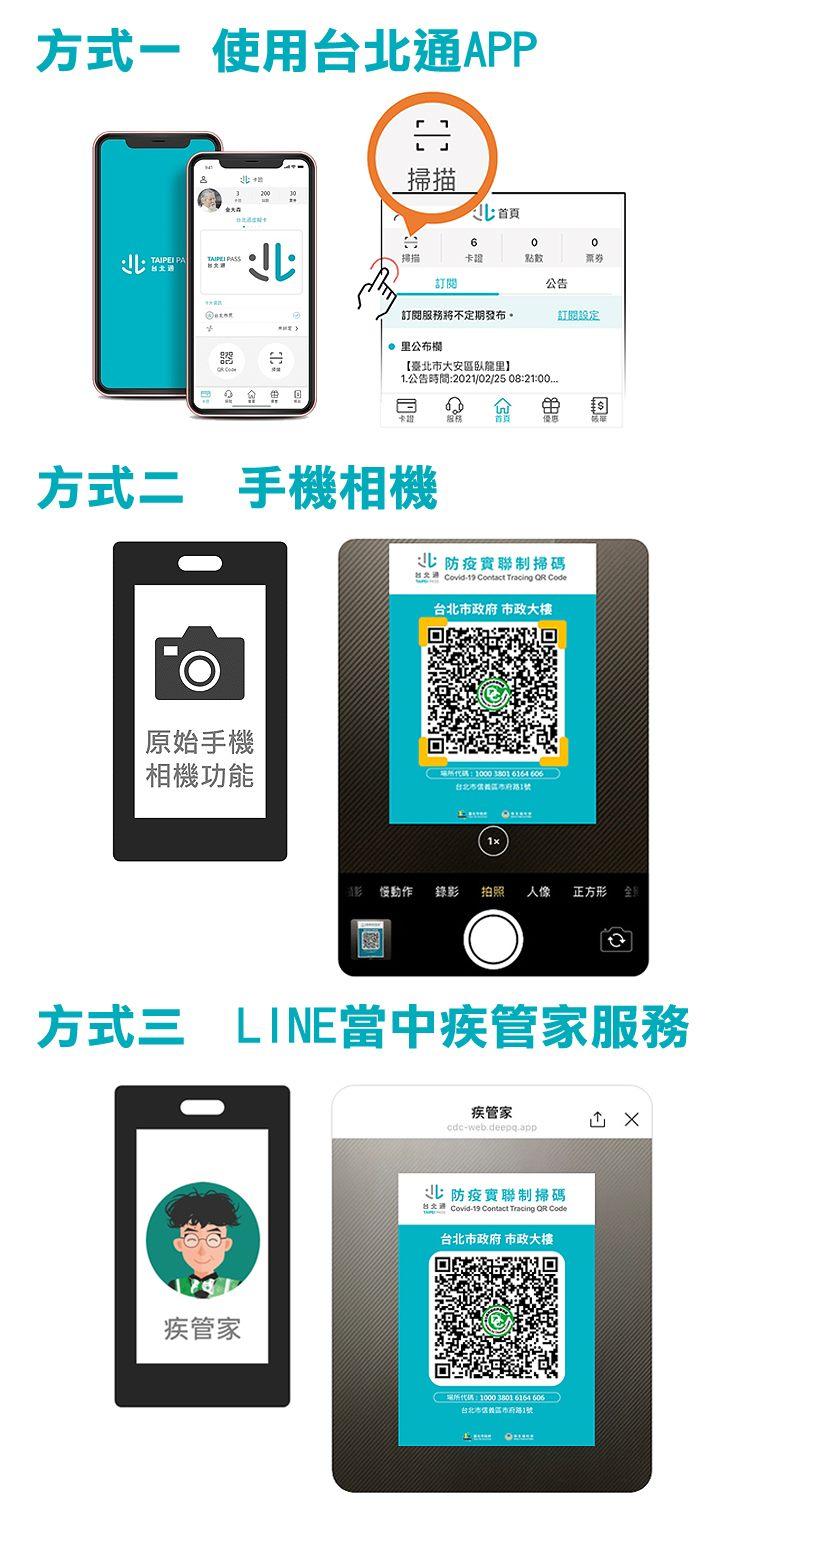 提供多種方式掃描QRcode:台北通APP、手機相機、Line當中的疾管家